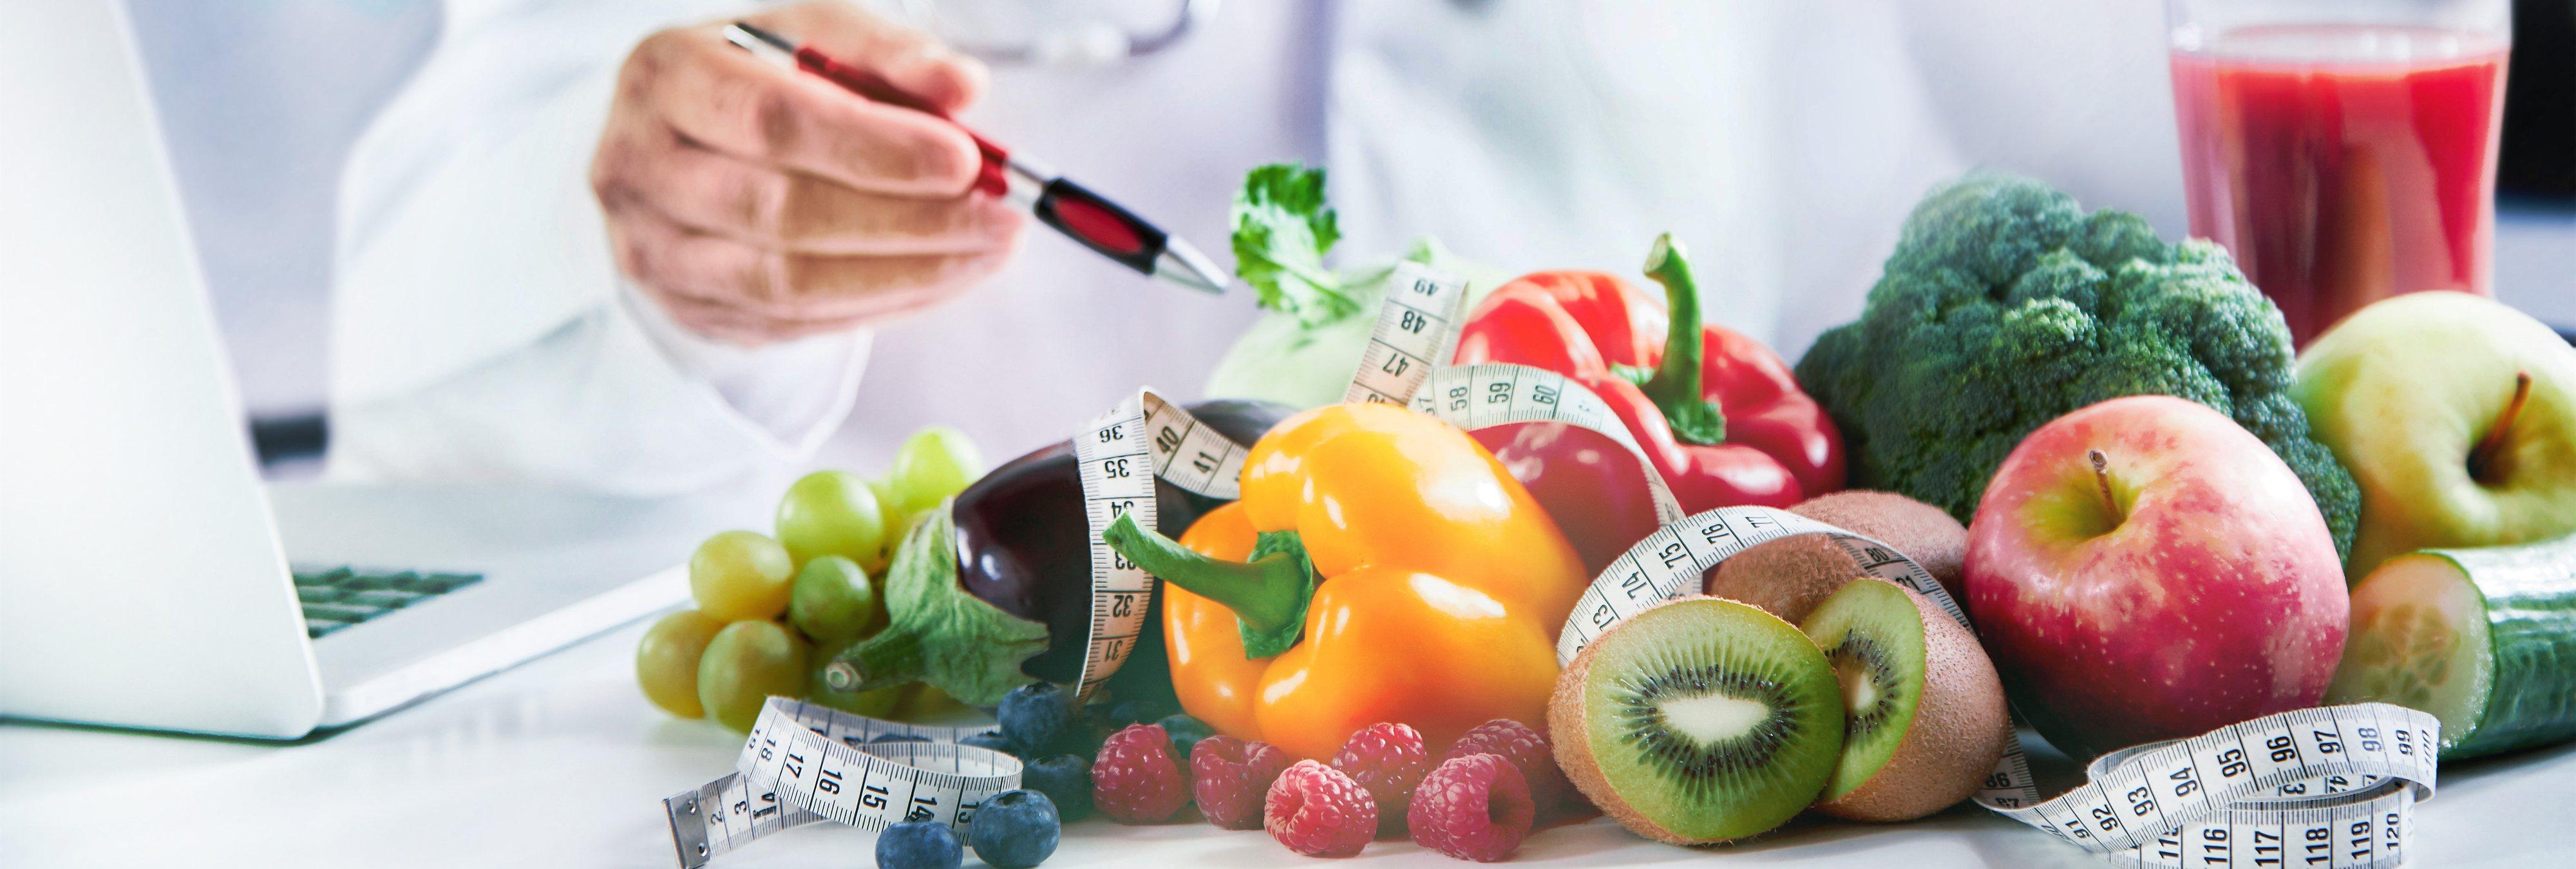 Otorexia: el peligro de obsesionarse con el 'clean eating' y la comida sana